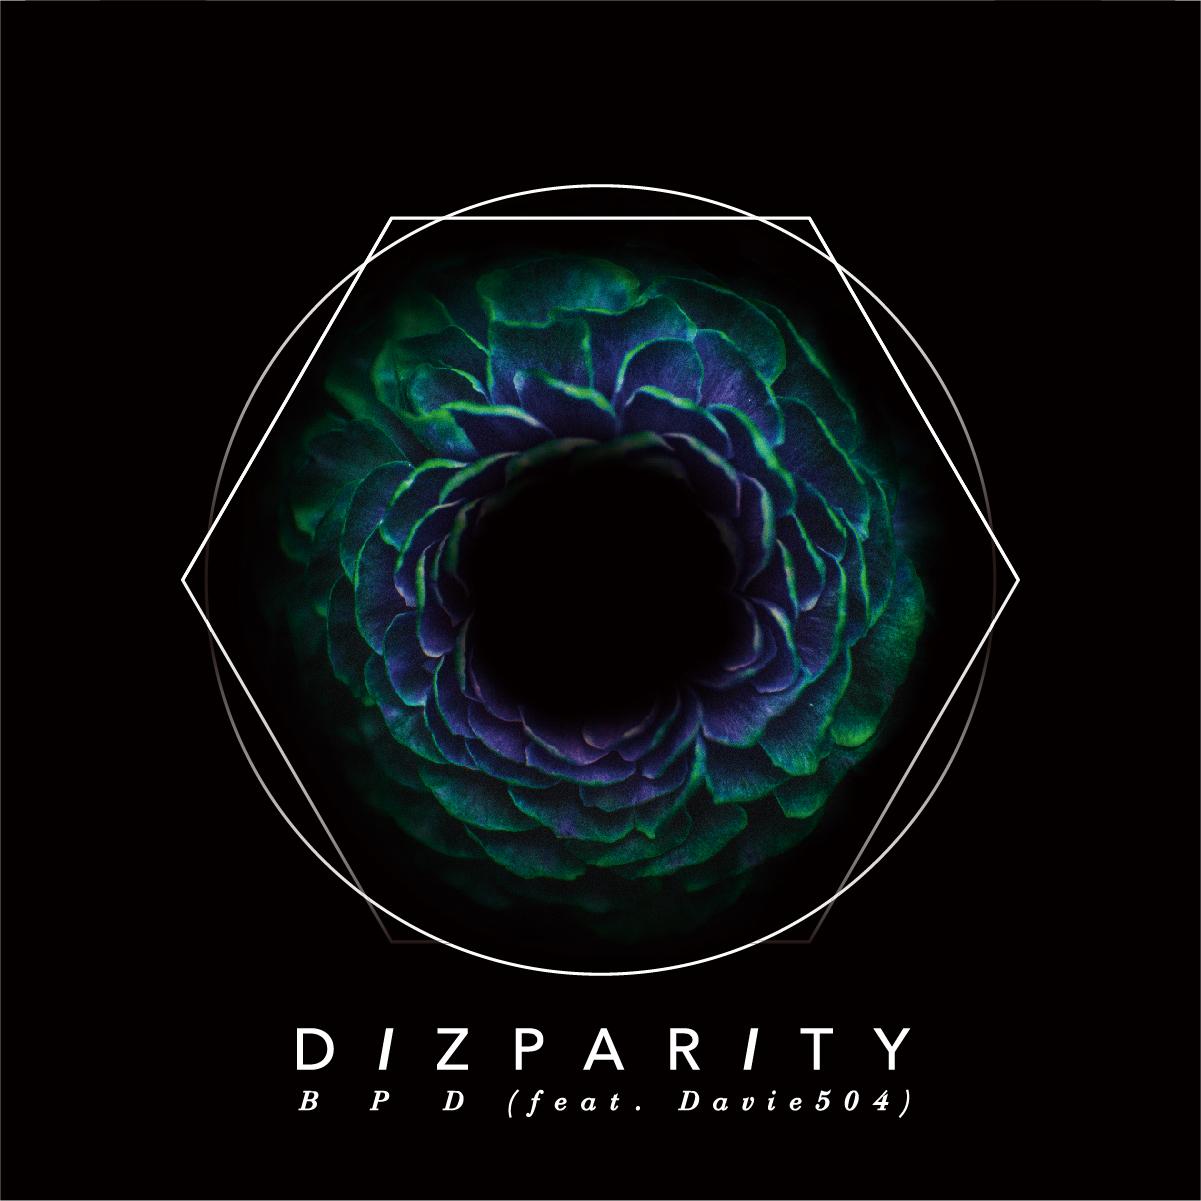 Dizparity - BPD (feat. Davie504)